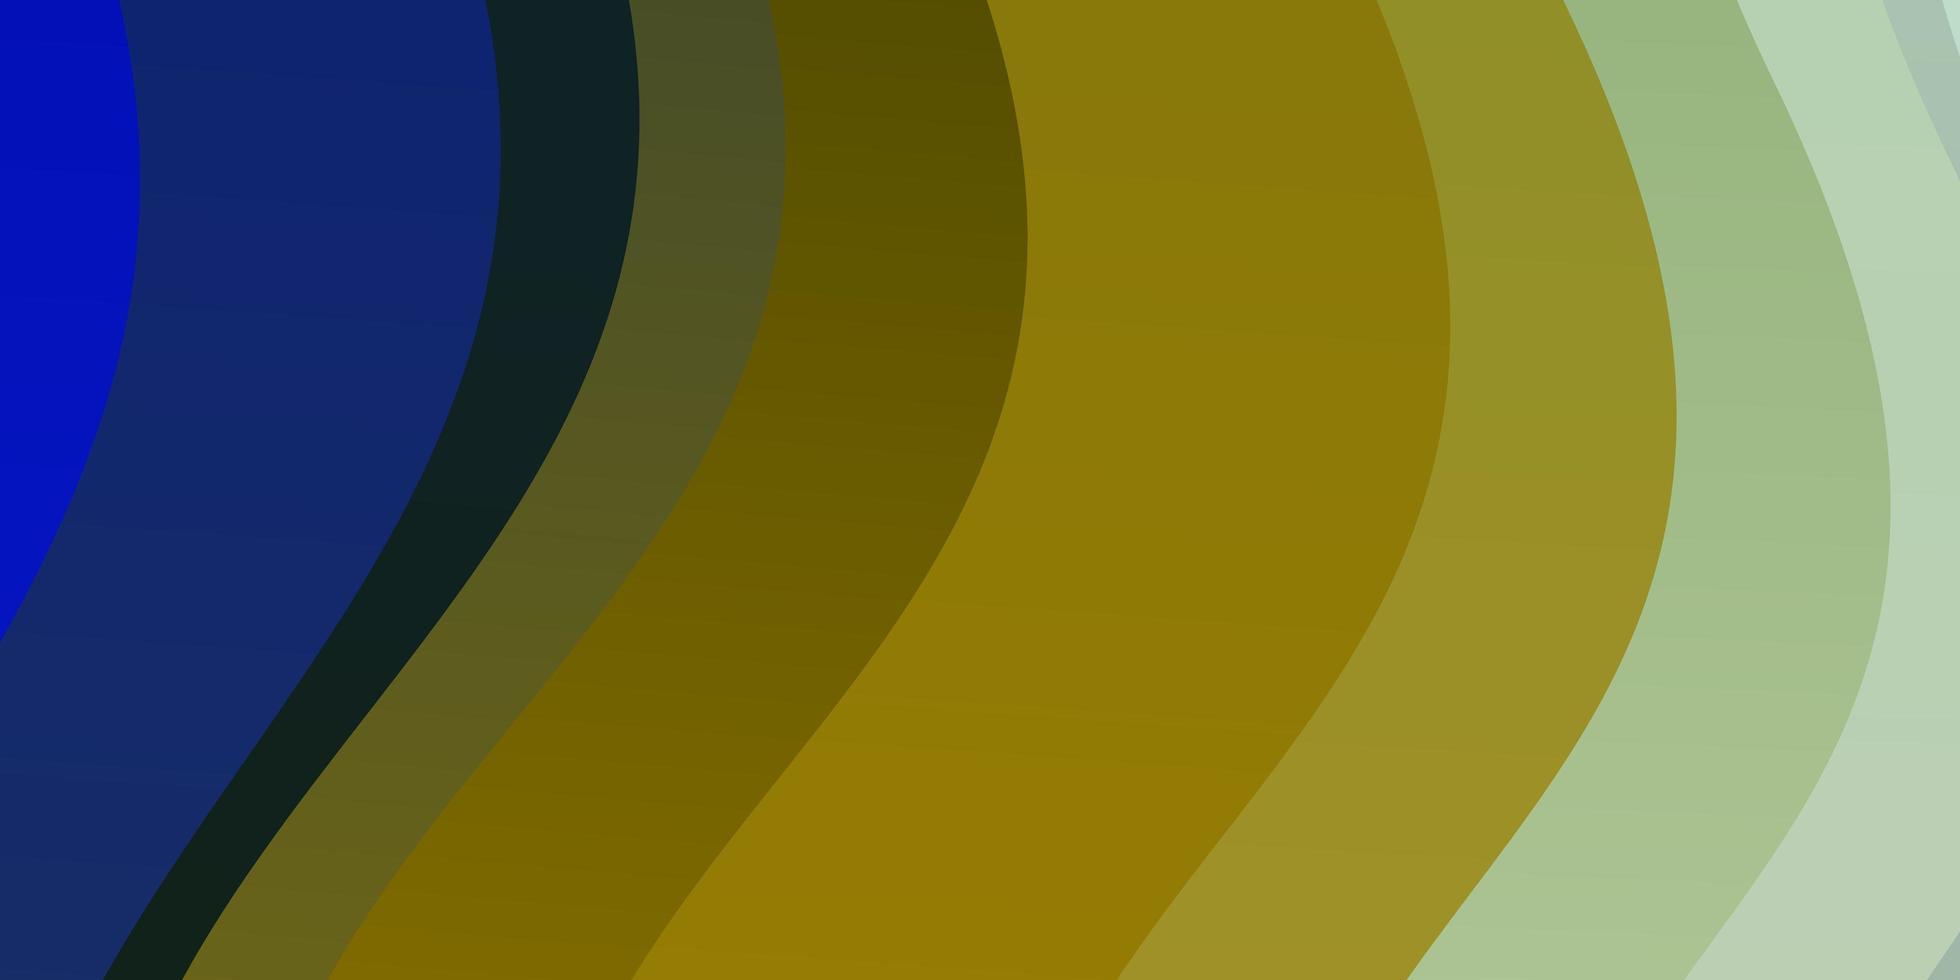 hellblauer, gelber Hintergrund mit Linien. vektor